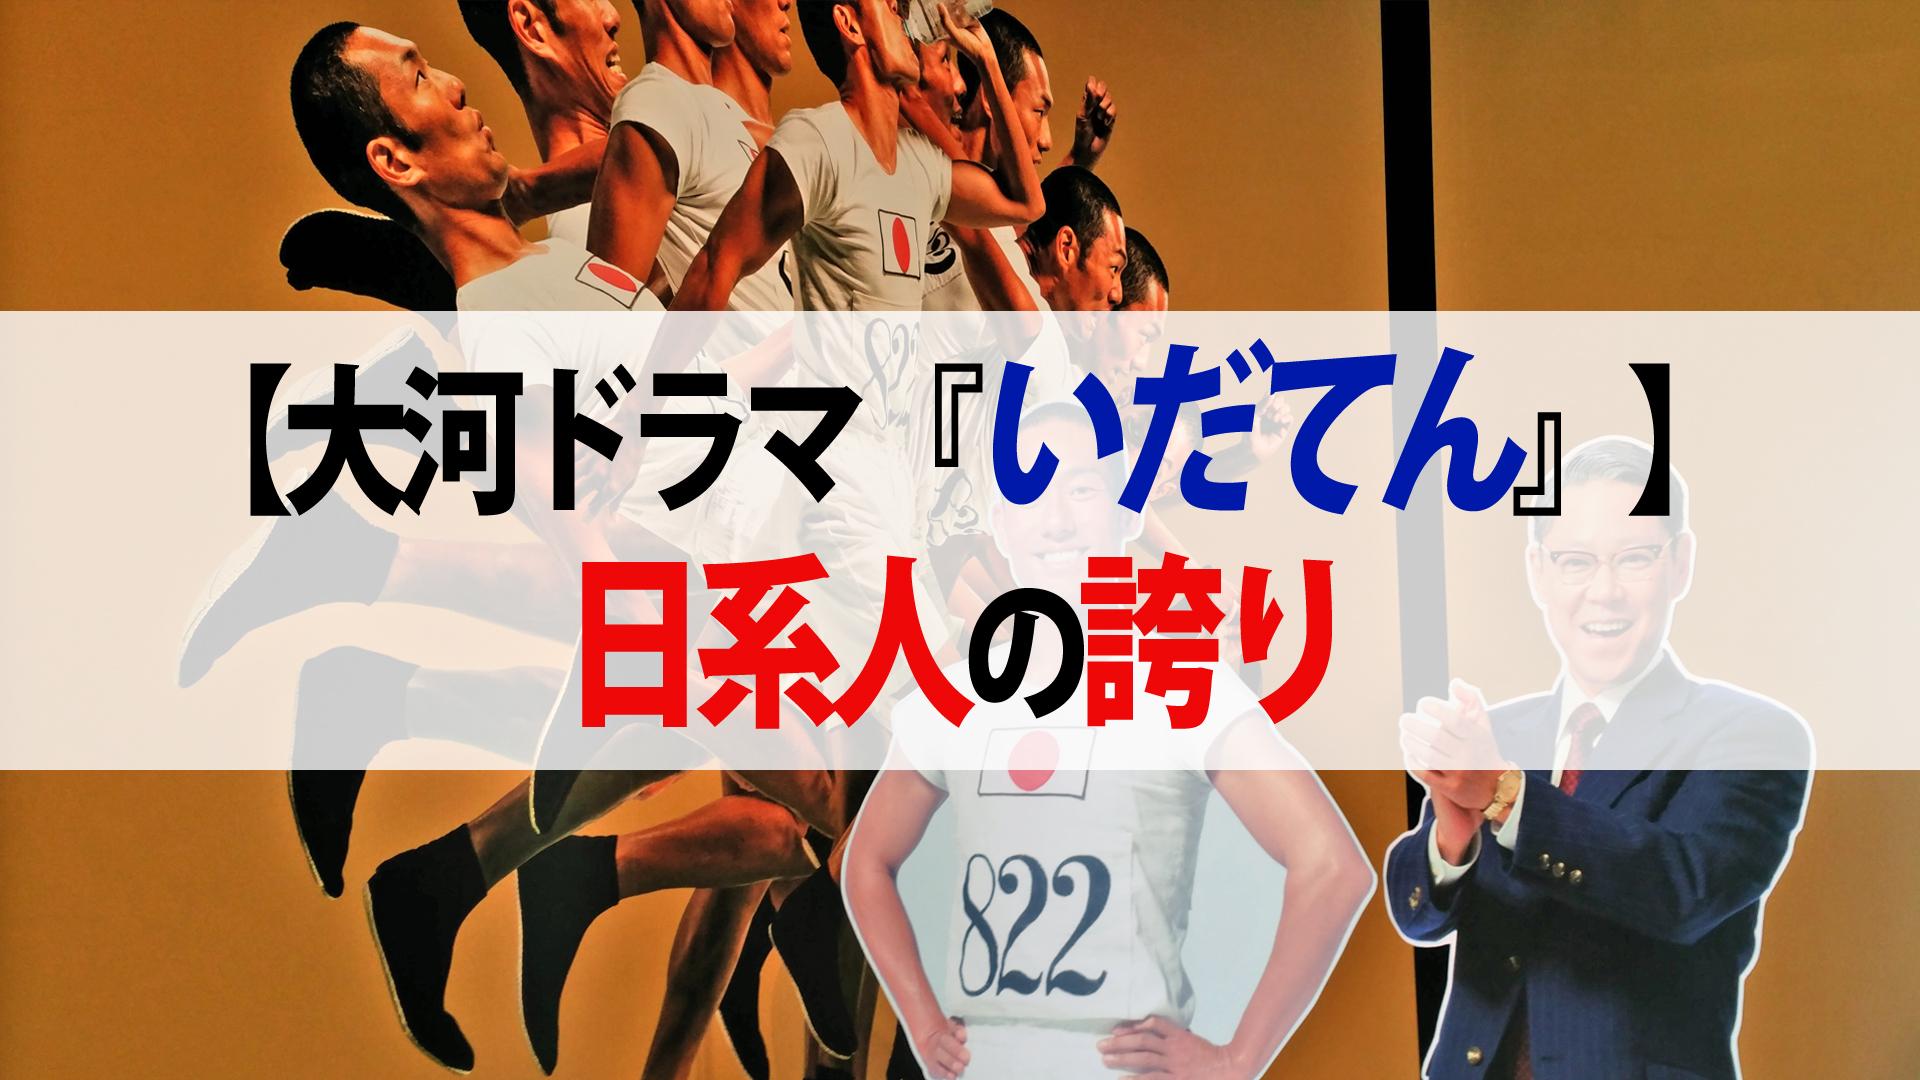 【いだてん『トップ・オブ・ザ・ワールド』】『前畑秀子の快挙』『日本泳法』『日系人の誇り』第31回への反響まとめ